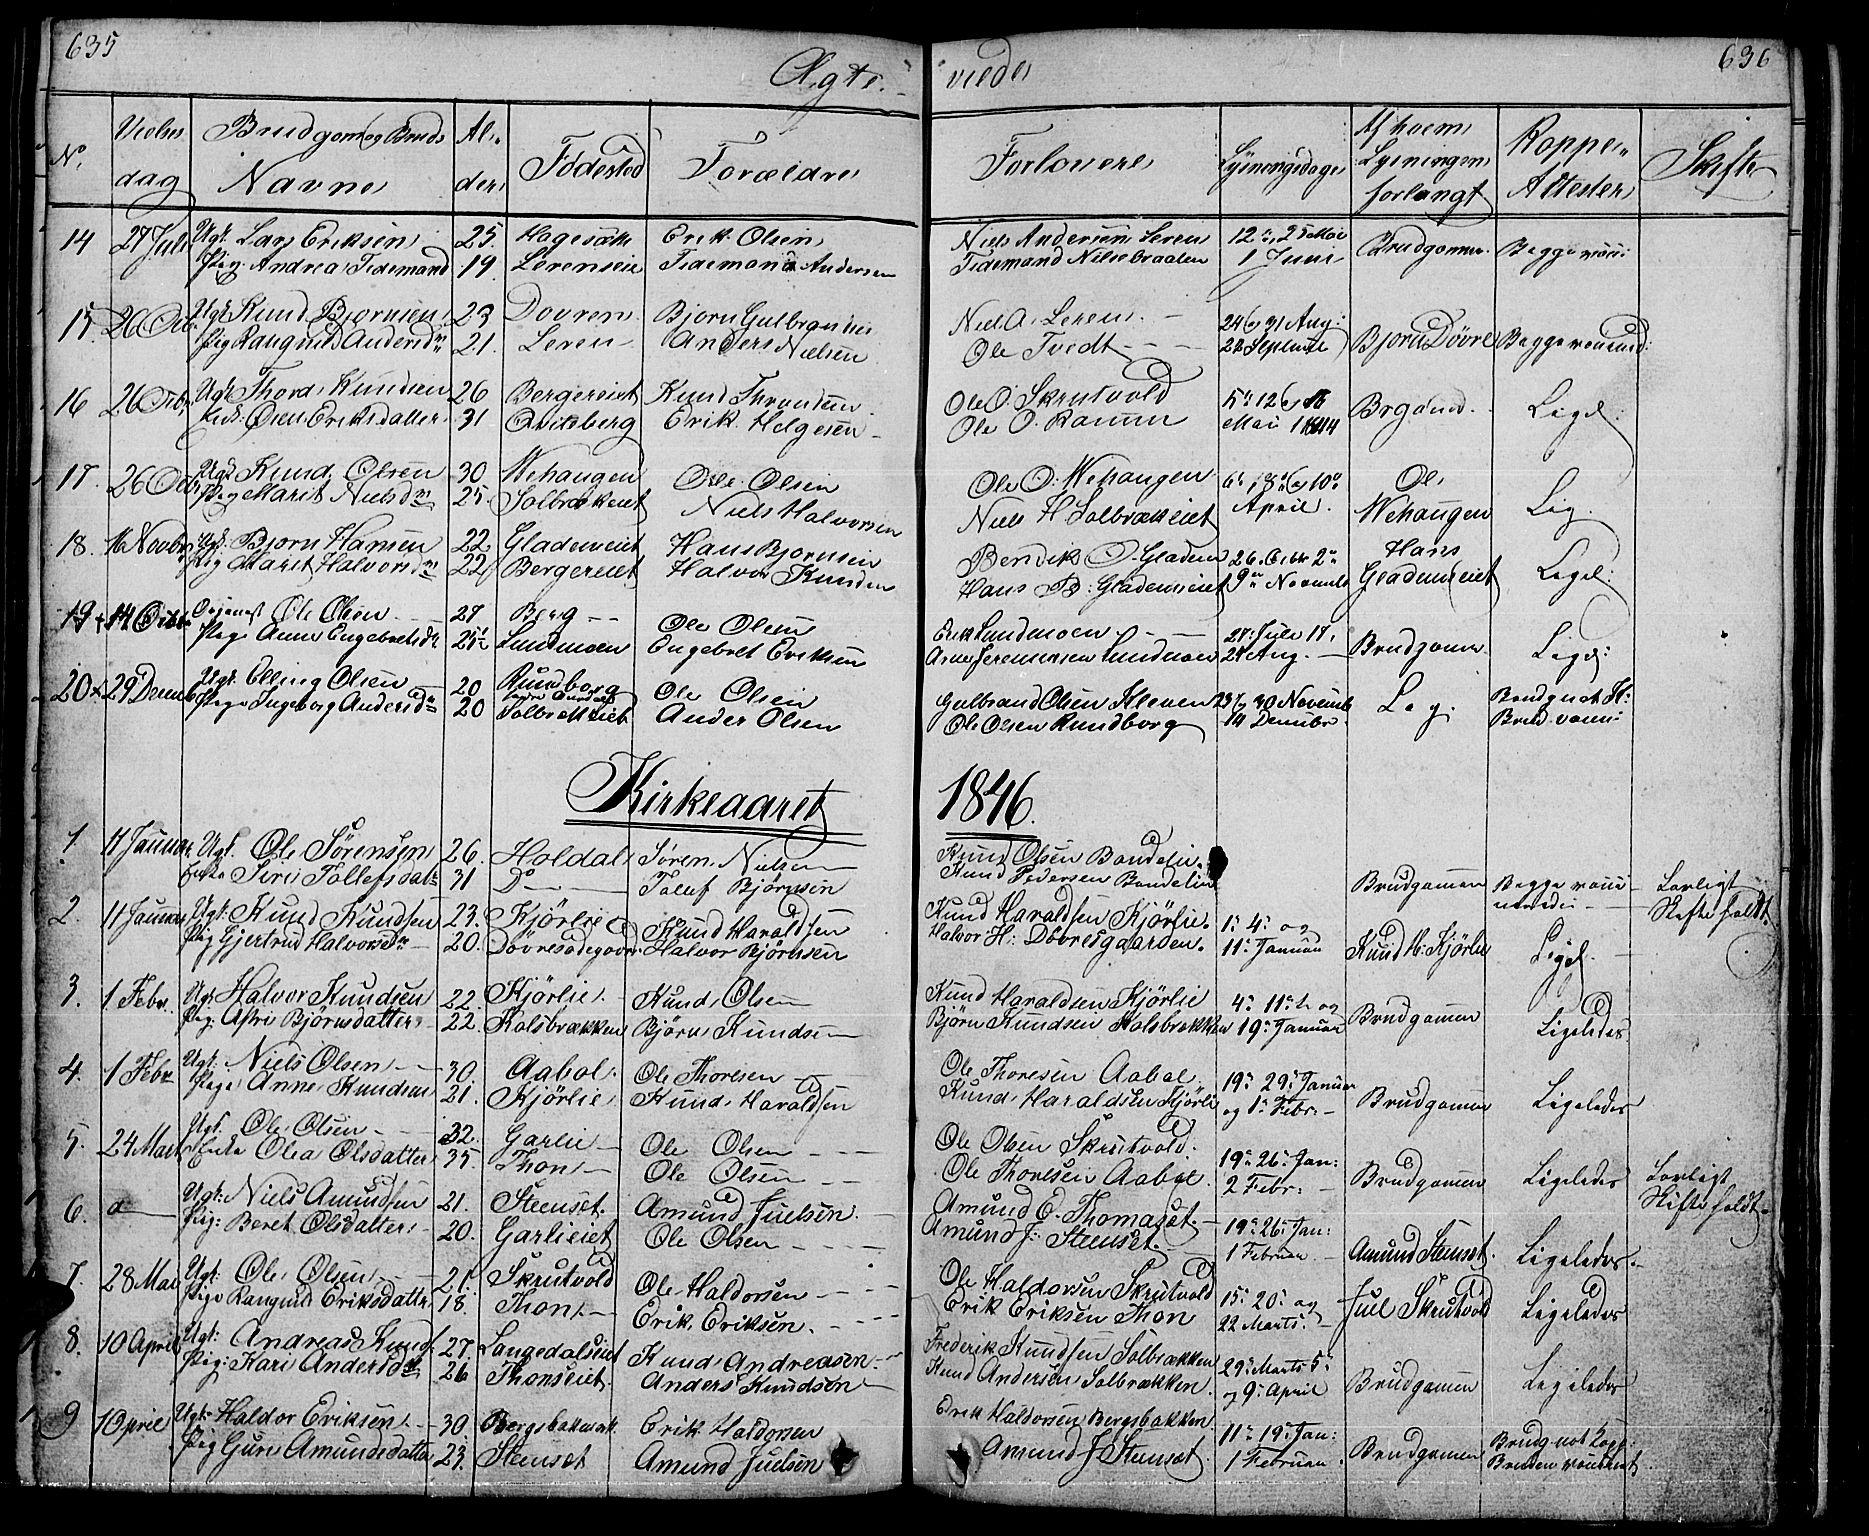 SAH, Nord-Aurdal prestekontor, Klokkerbok nr. 1, 1834-1887, s. 635-636